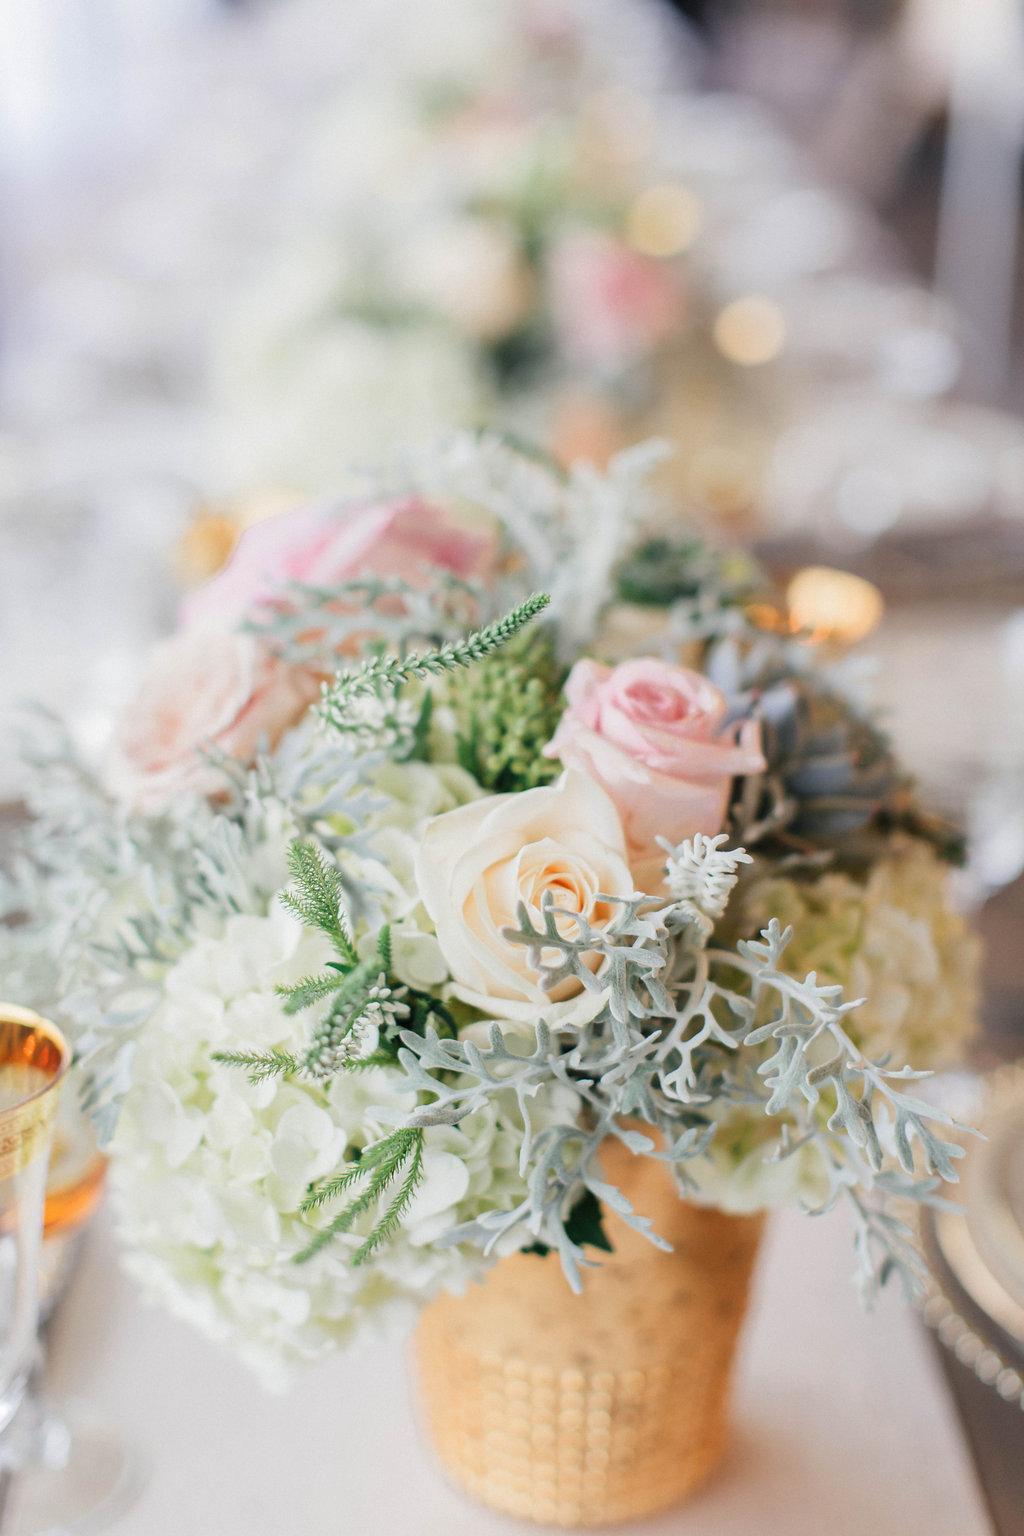 Nicole_Marie_Photography_Luxury_Wedding_Photographer-6.jpg